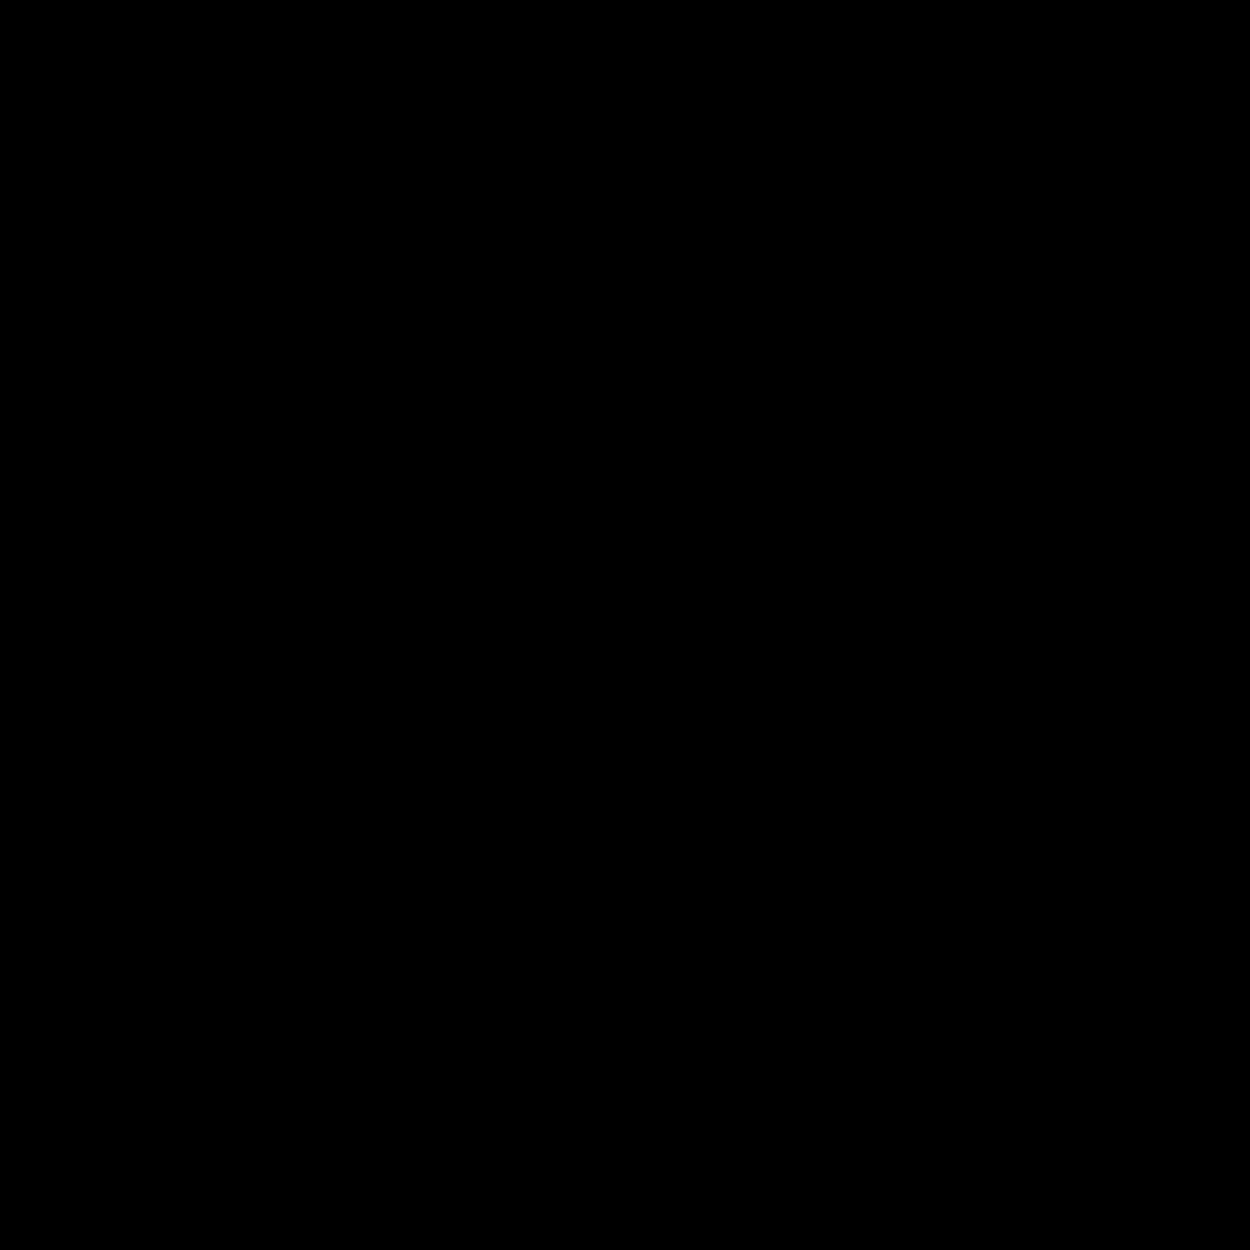 BRUNITOI